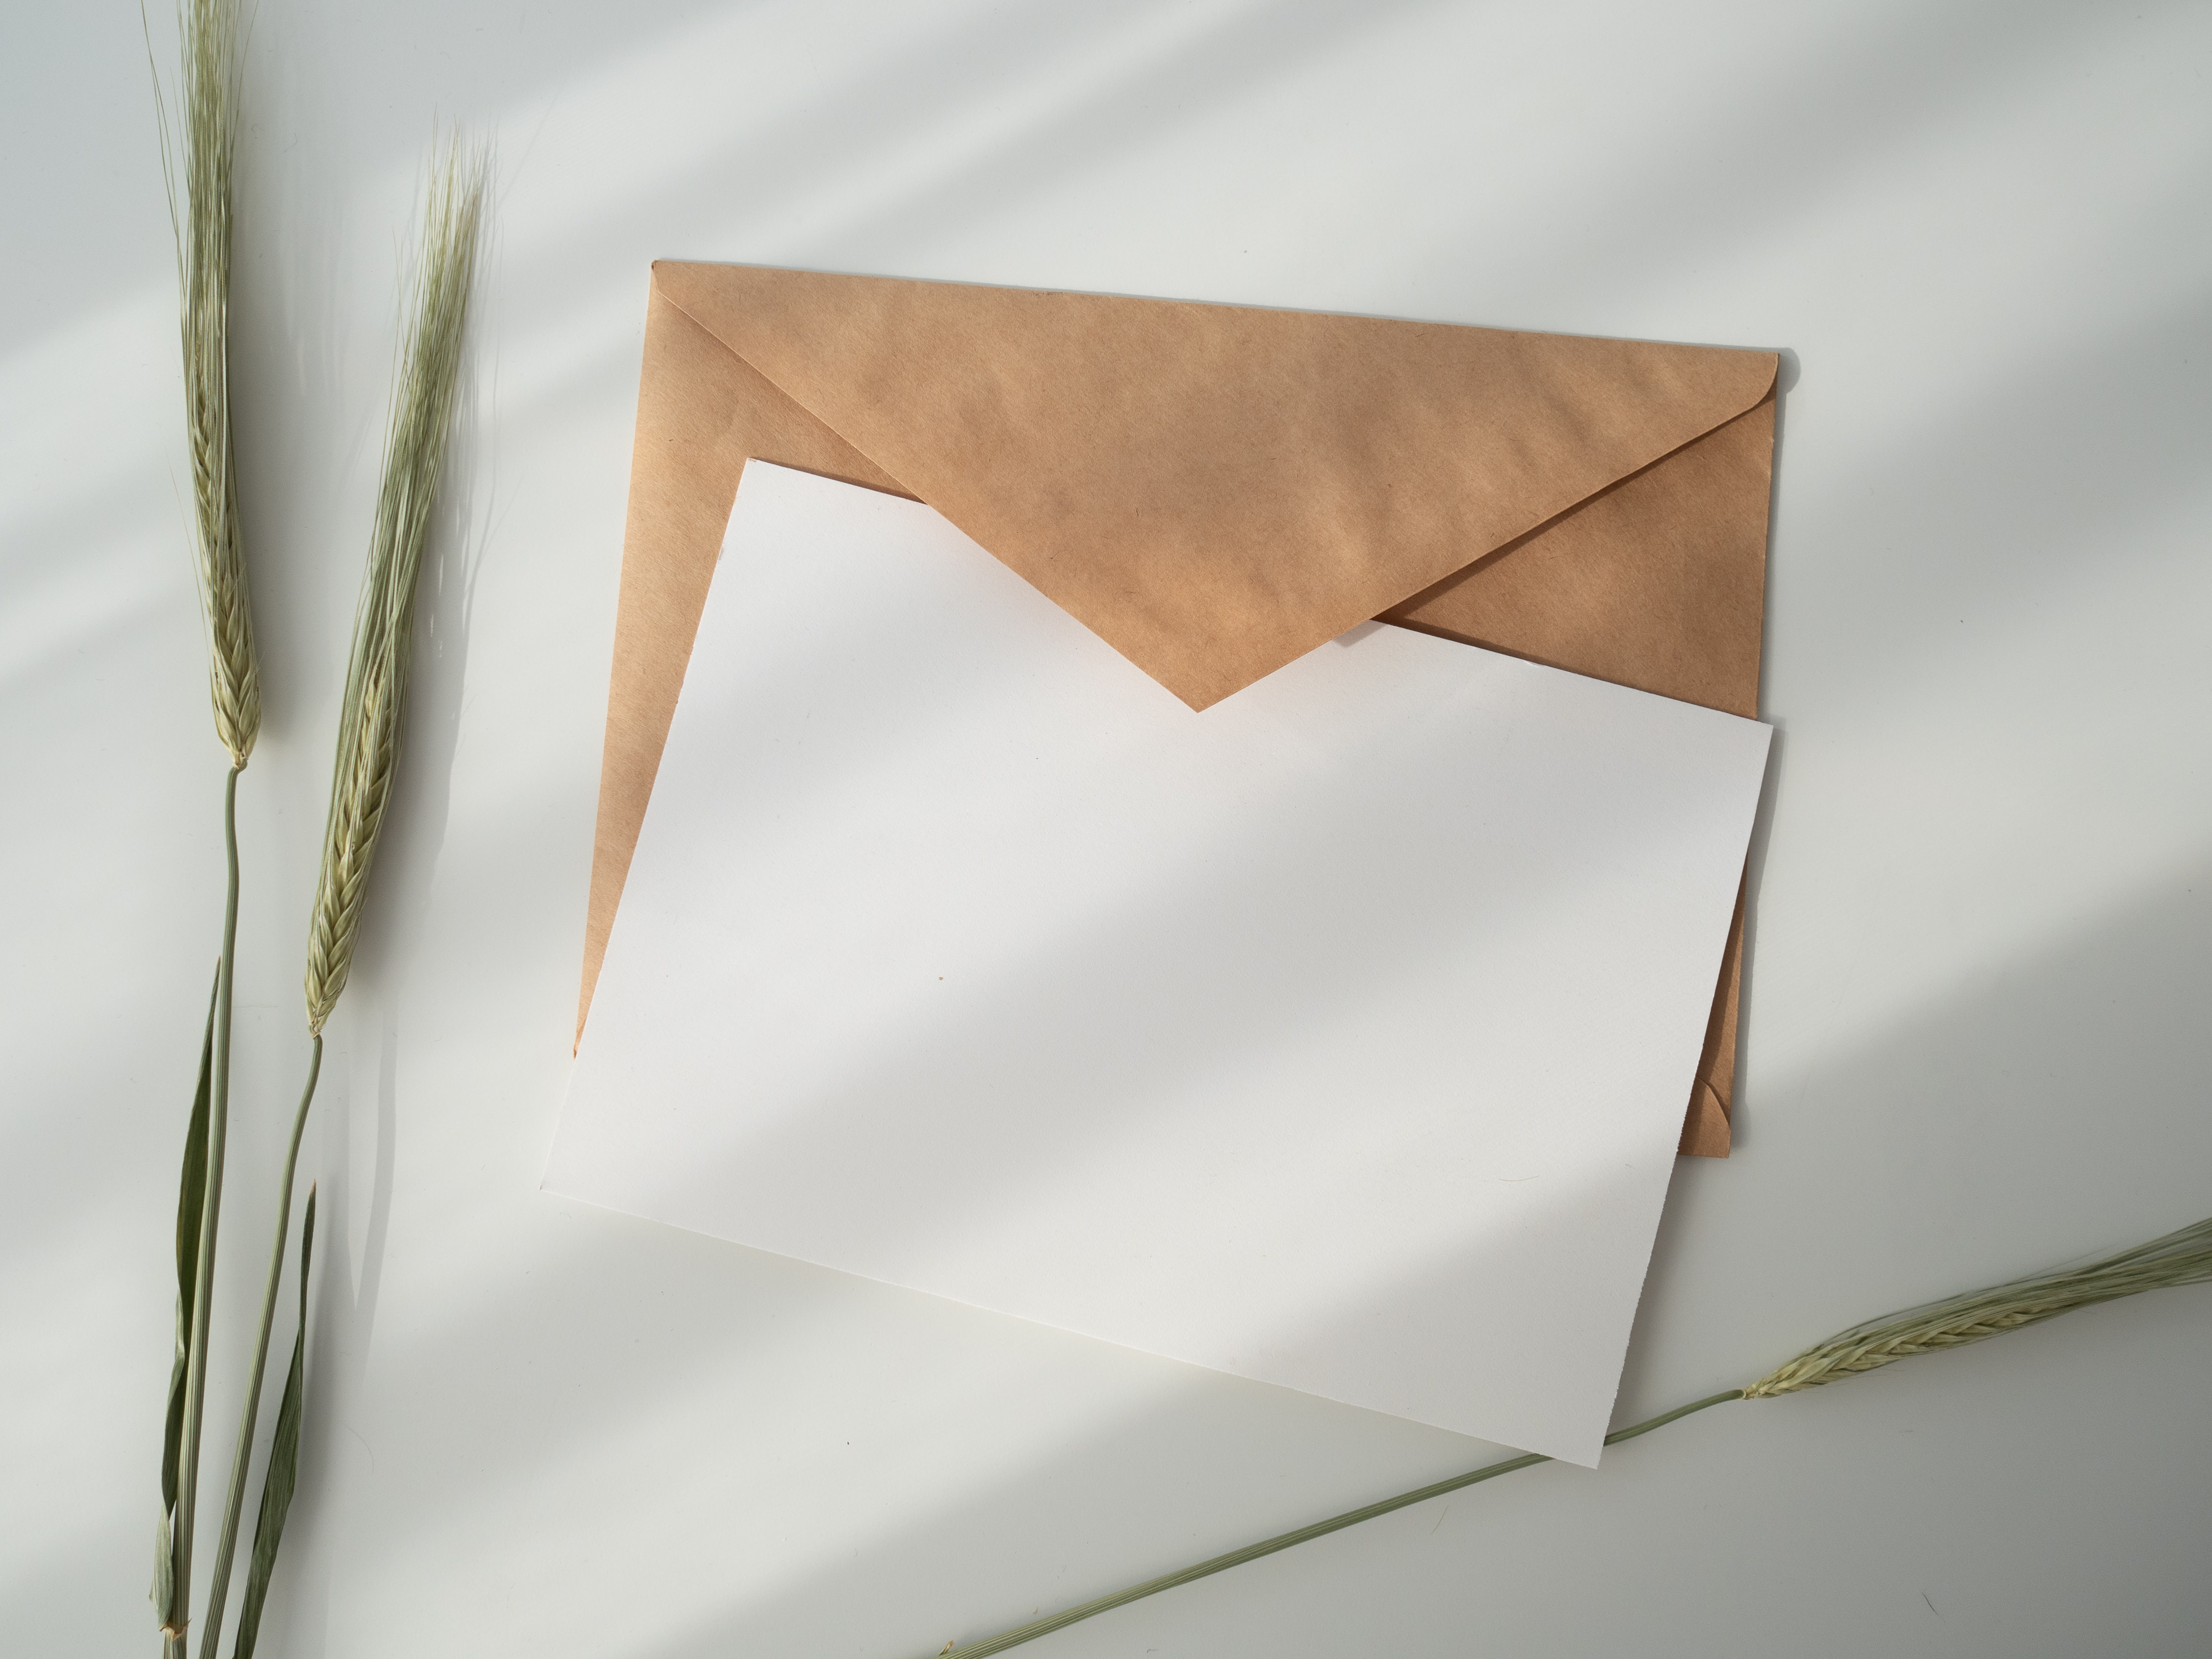 Plastové obálky – keď posielanie pošty nemôže byť komfortnejšie.